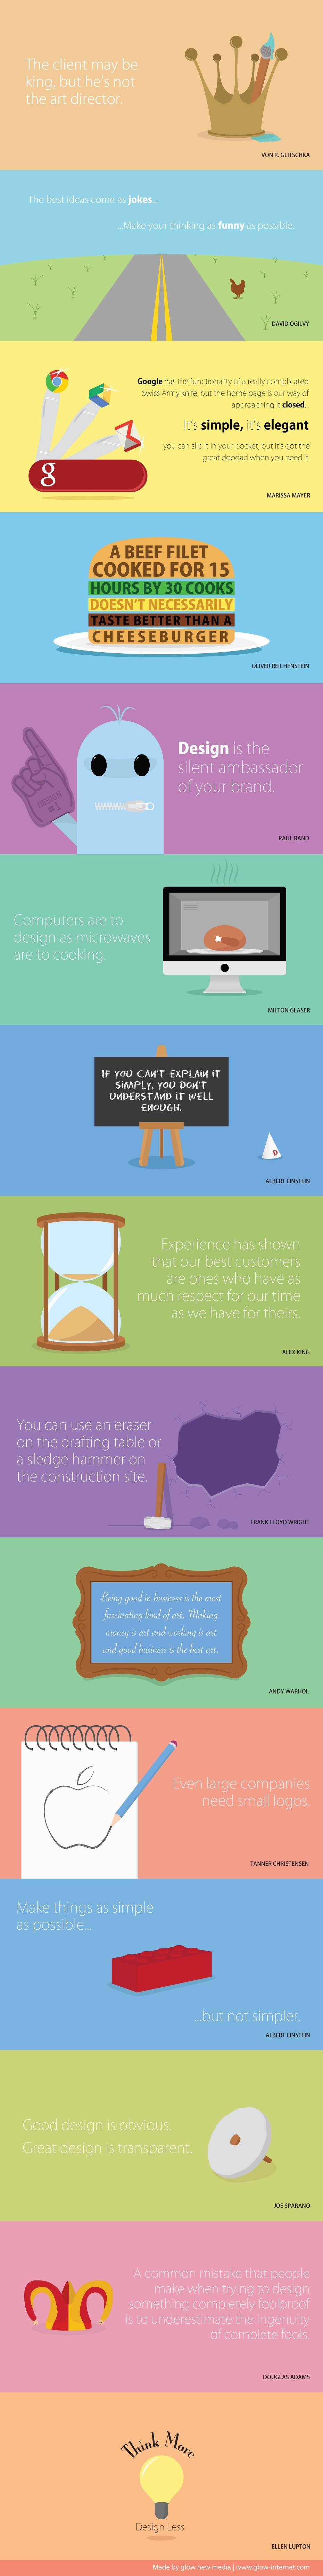 killer design quotes